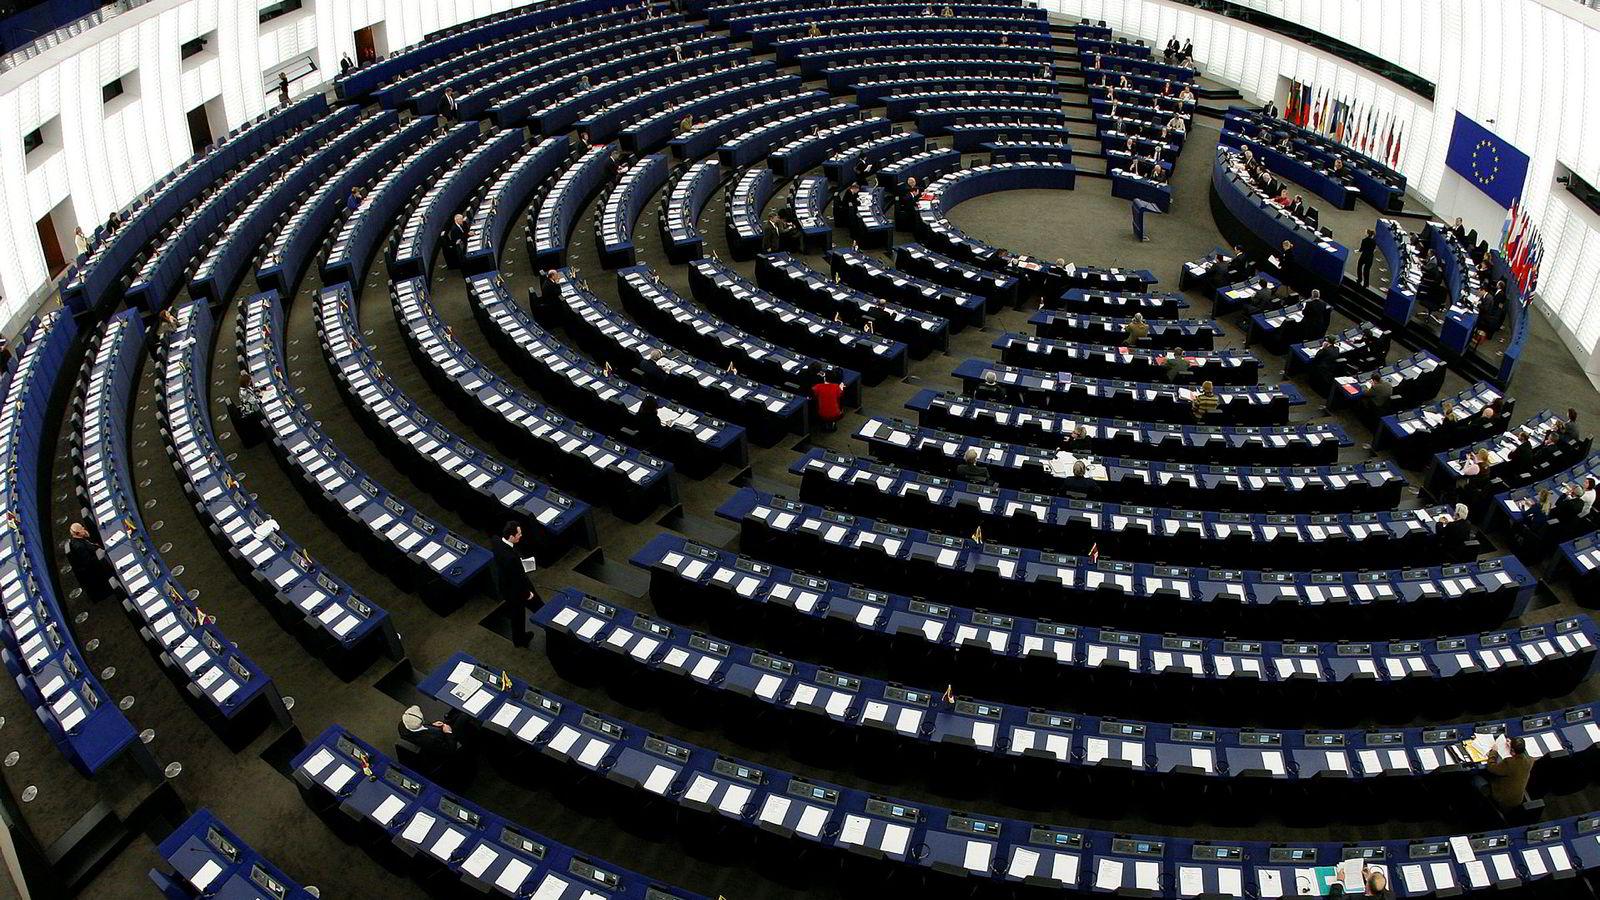 Det er en dyp kløft mellom verdier og interesser mellom øst og vest i Europa nå foran valget til Europaparlamentet, skriver artikkelforfatteren. Bildet er fra plenumssalen.